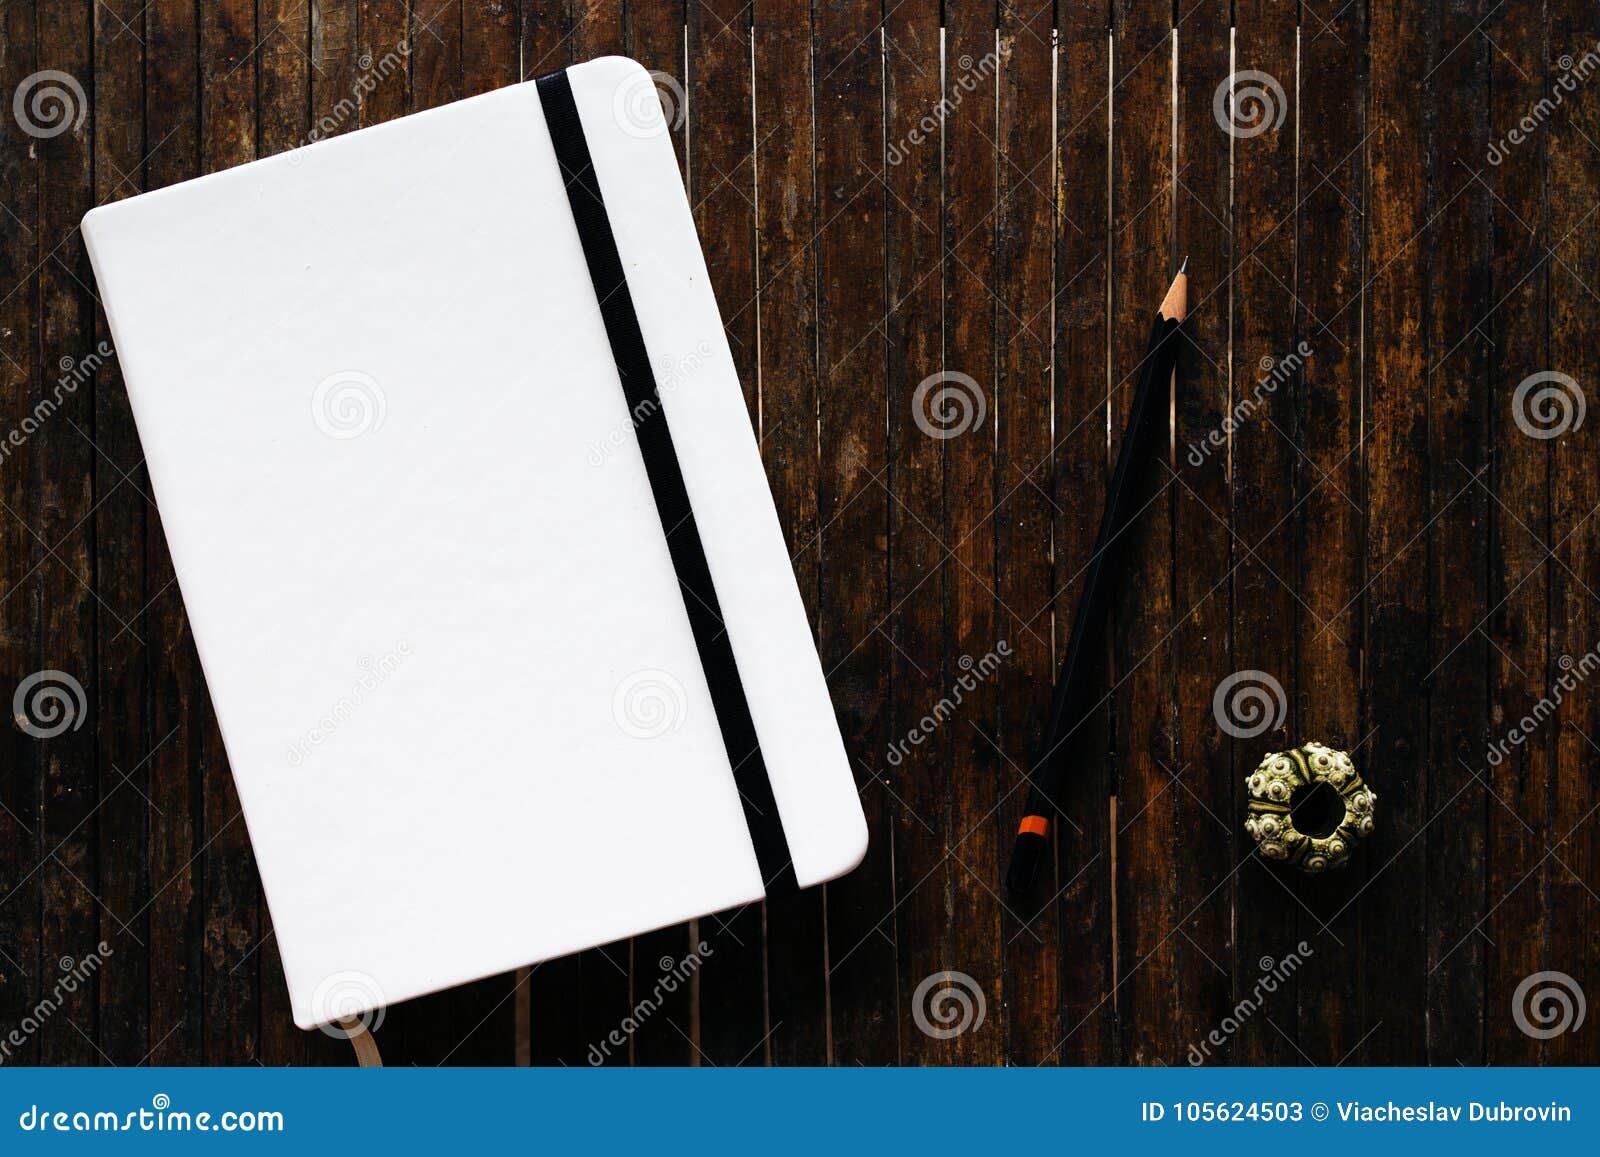 Copertura In Legno Bianco : Lo sketchbook bianco della copertura con la matita nera sul piano di